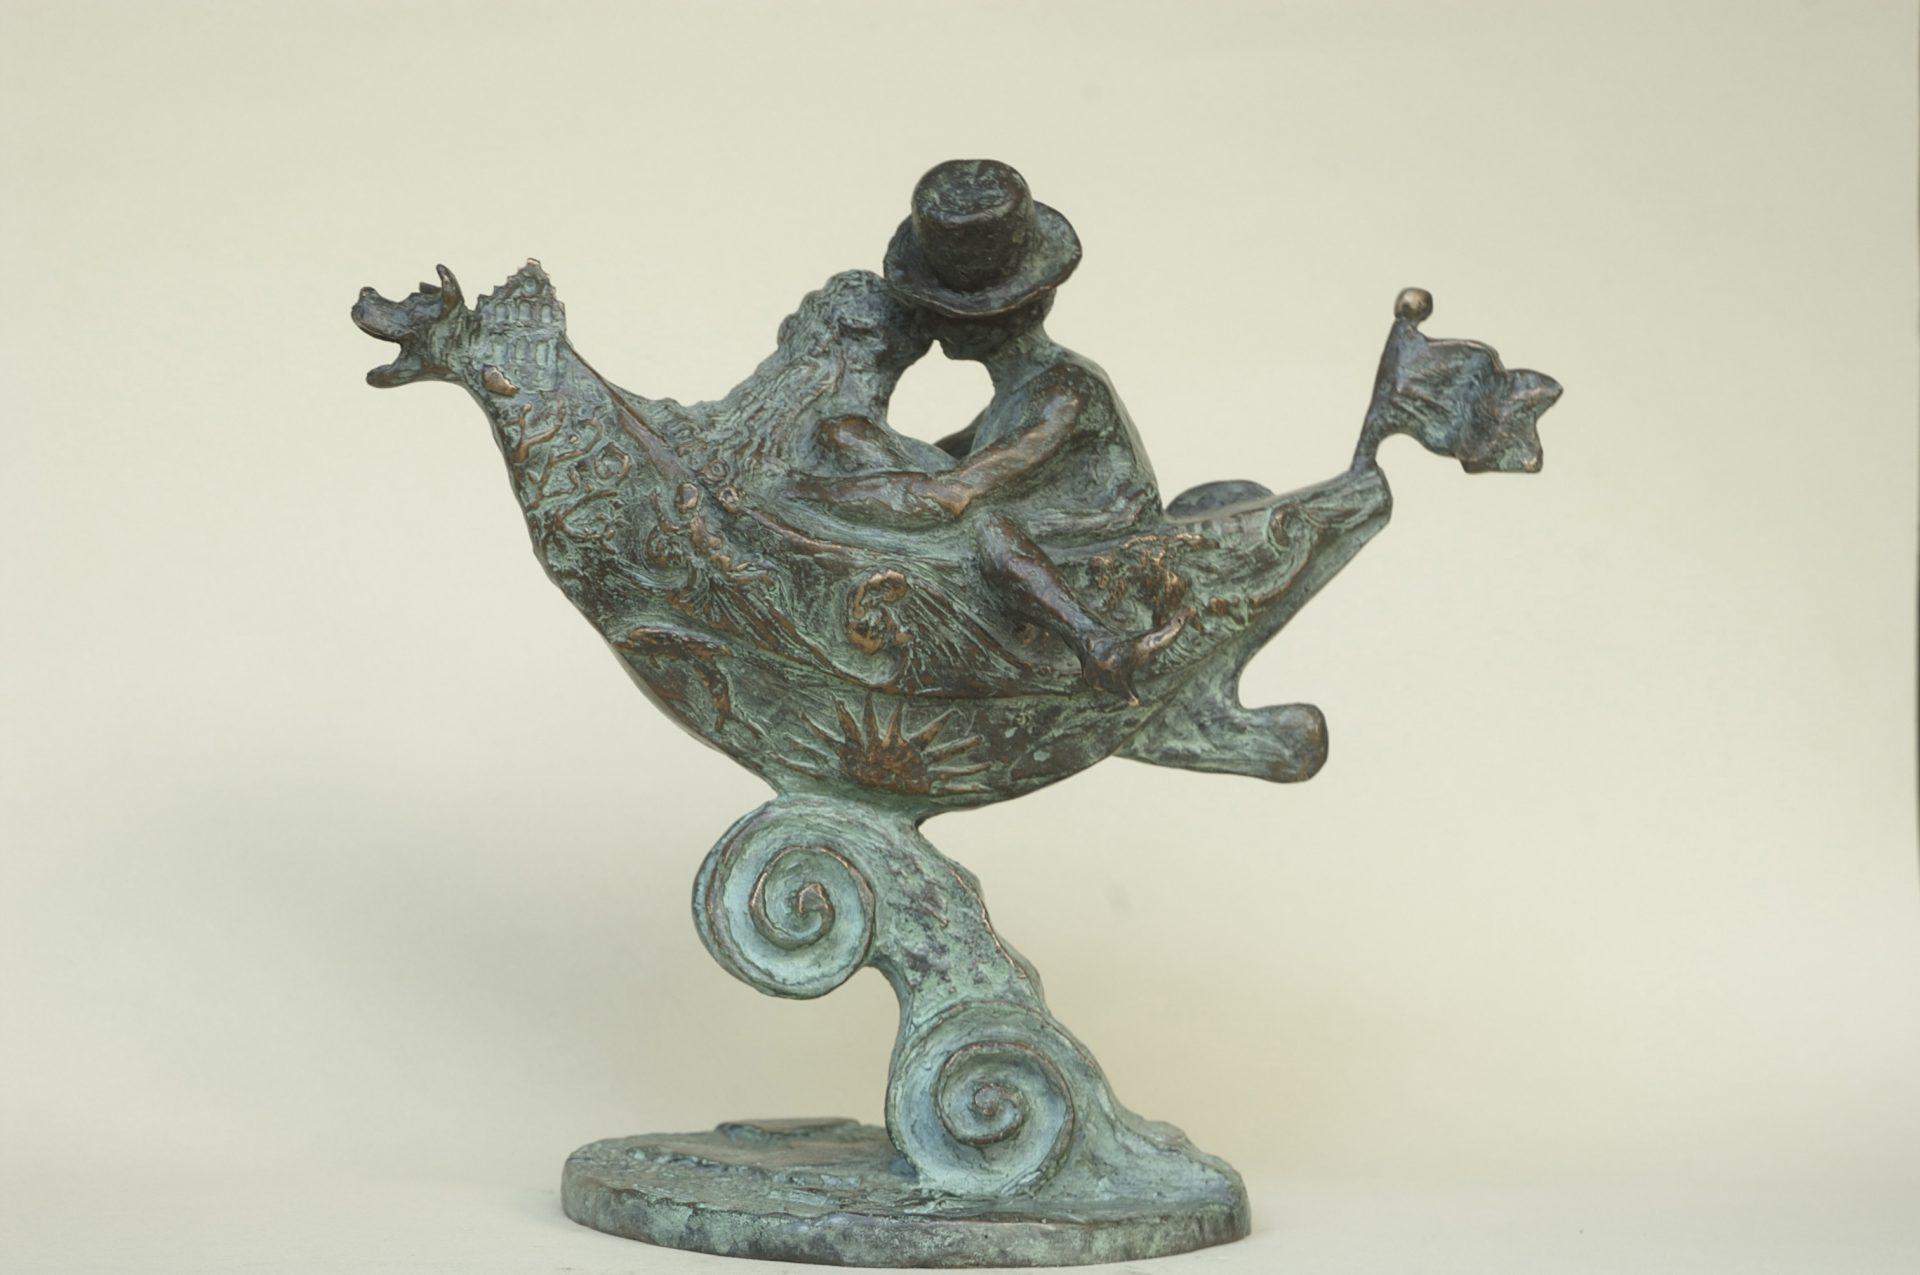 Huwelijksgeschenk, huwelijkscadeau, bronzen beeld van man en vrouw in huwelijksbootje, verliefd, humor, geestig, realistisch en fantasievol